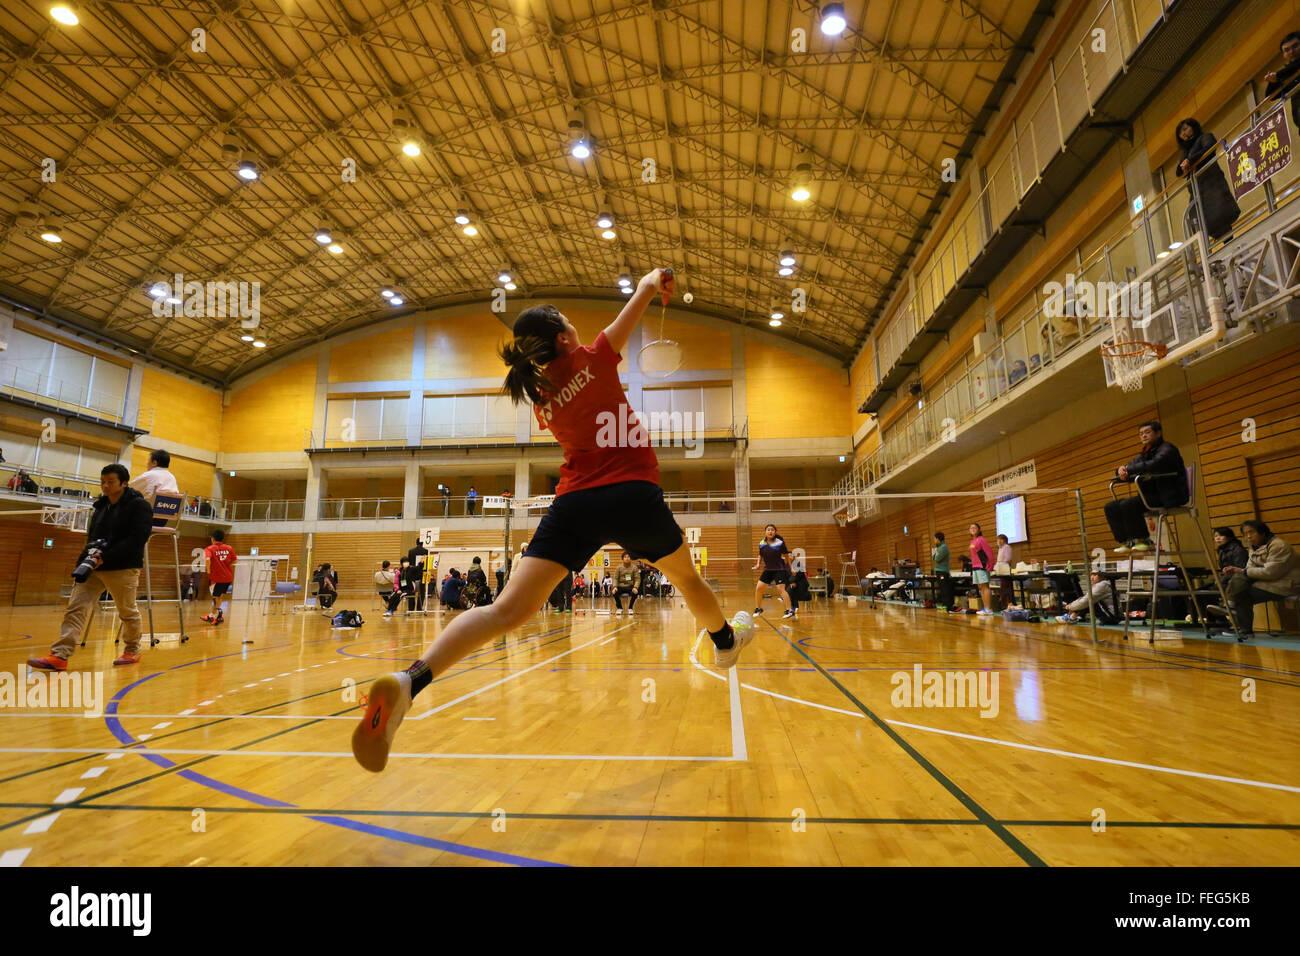 Gymnase de l'ouest de la ville de Kurume, Fukuoka, Japon. Feb 6, 2016. Mamiko Toyoda, le 6 février 2016 Photo Stock